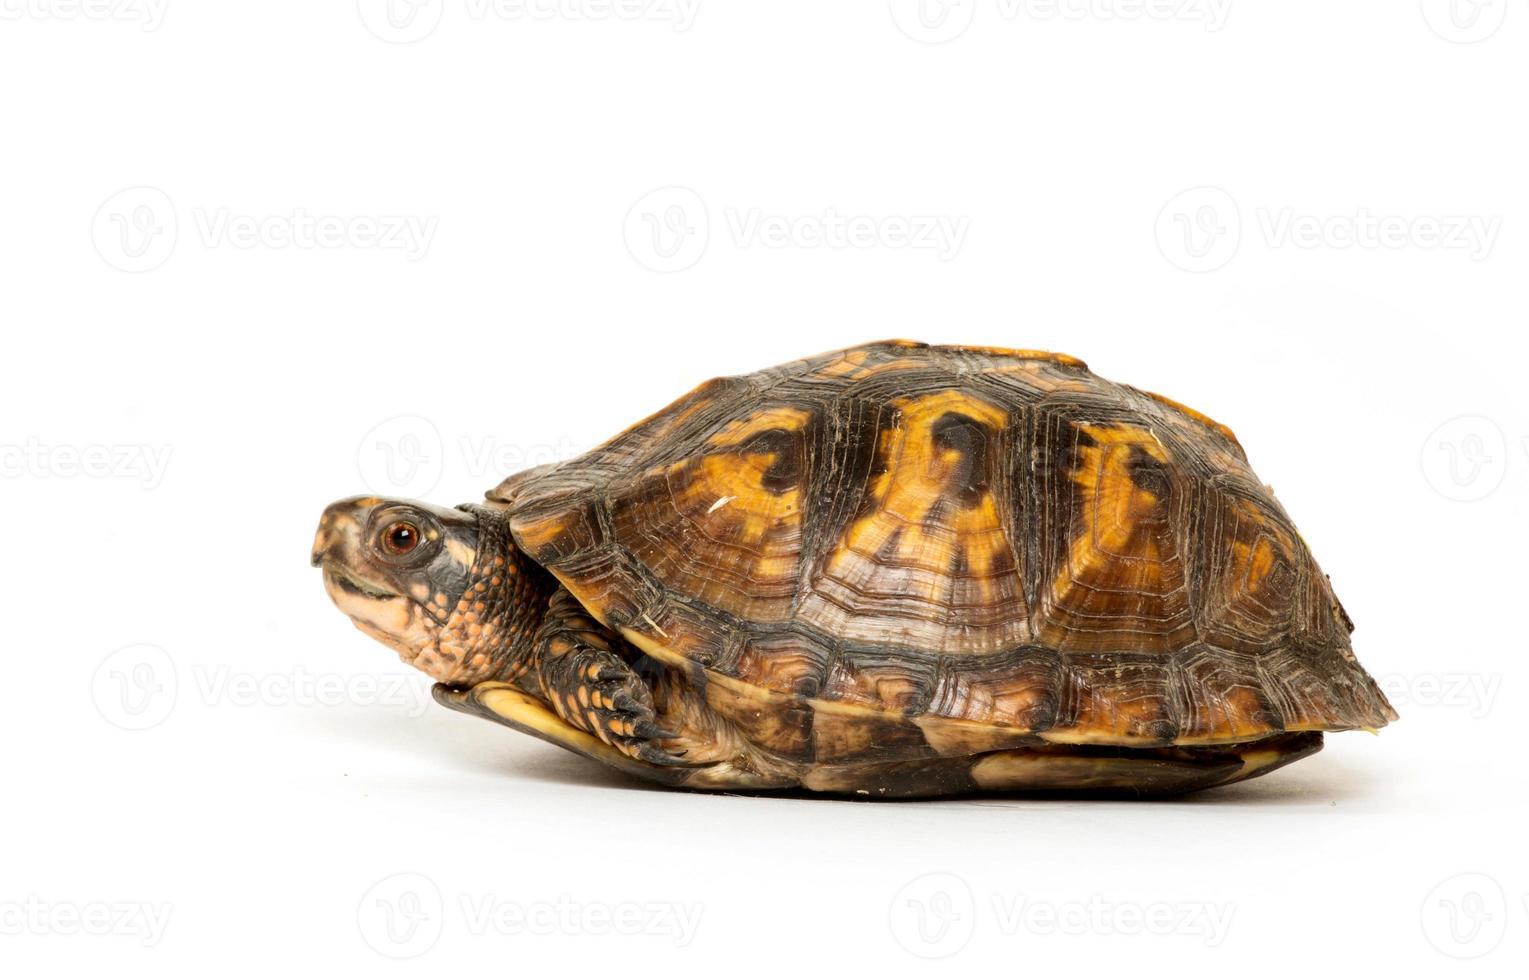 tartaruga di scatola orientale foto